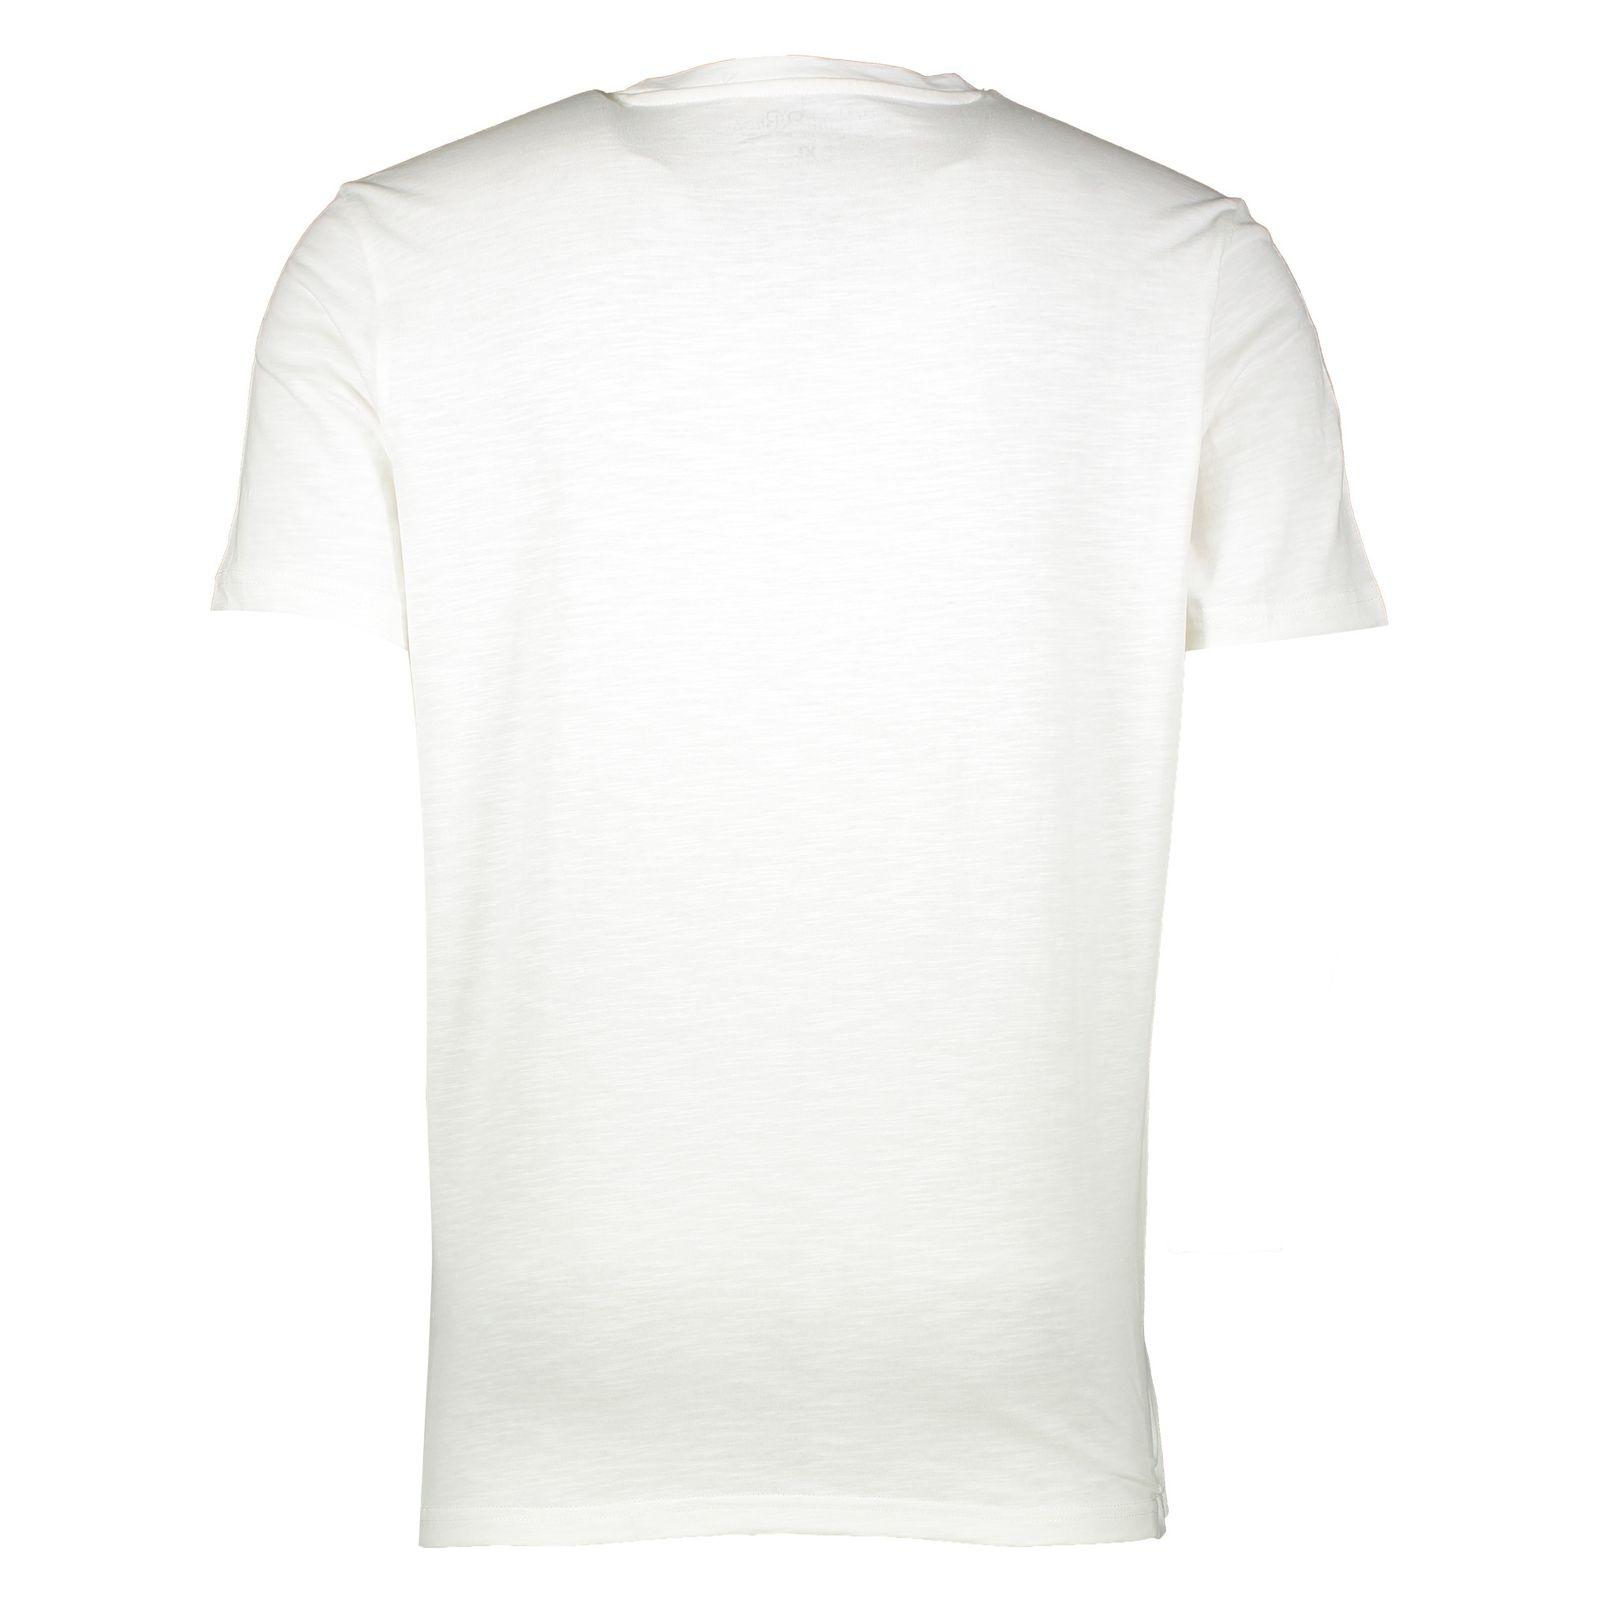 تی شرت مردانه یوپیم مدل 5127665 -  - 2